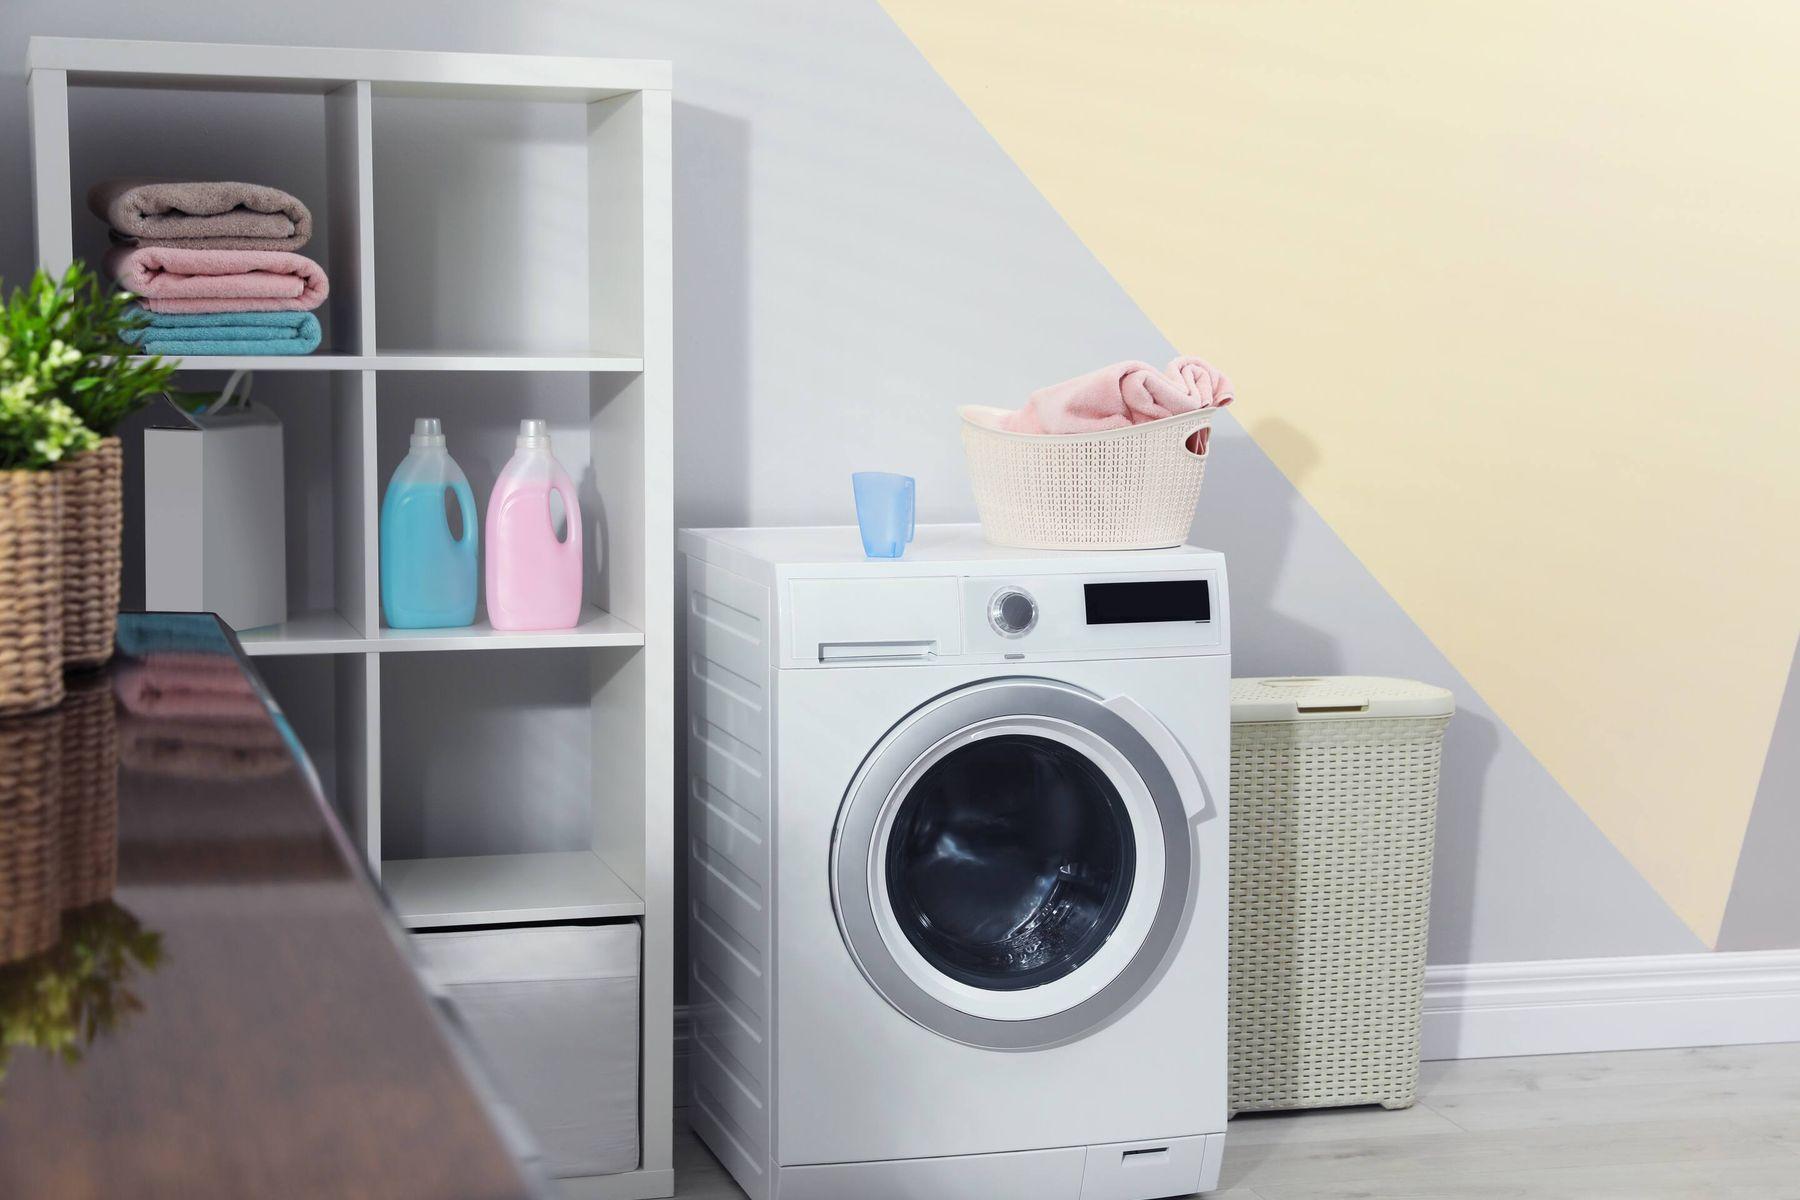 वॉशिंग मशीन से जुड़ी कौन सी दिलचस्प बातें हैं | क्लीएनीपीडिया